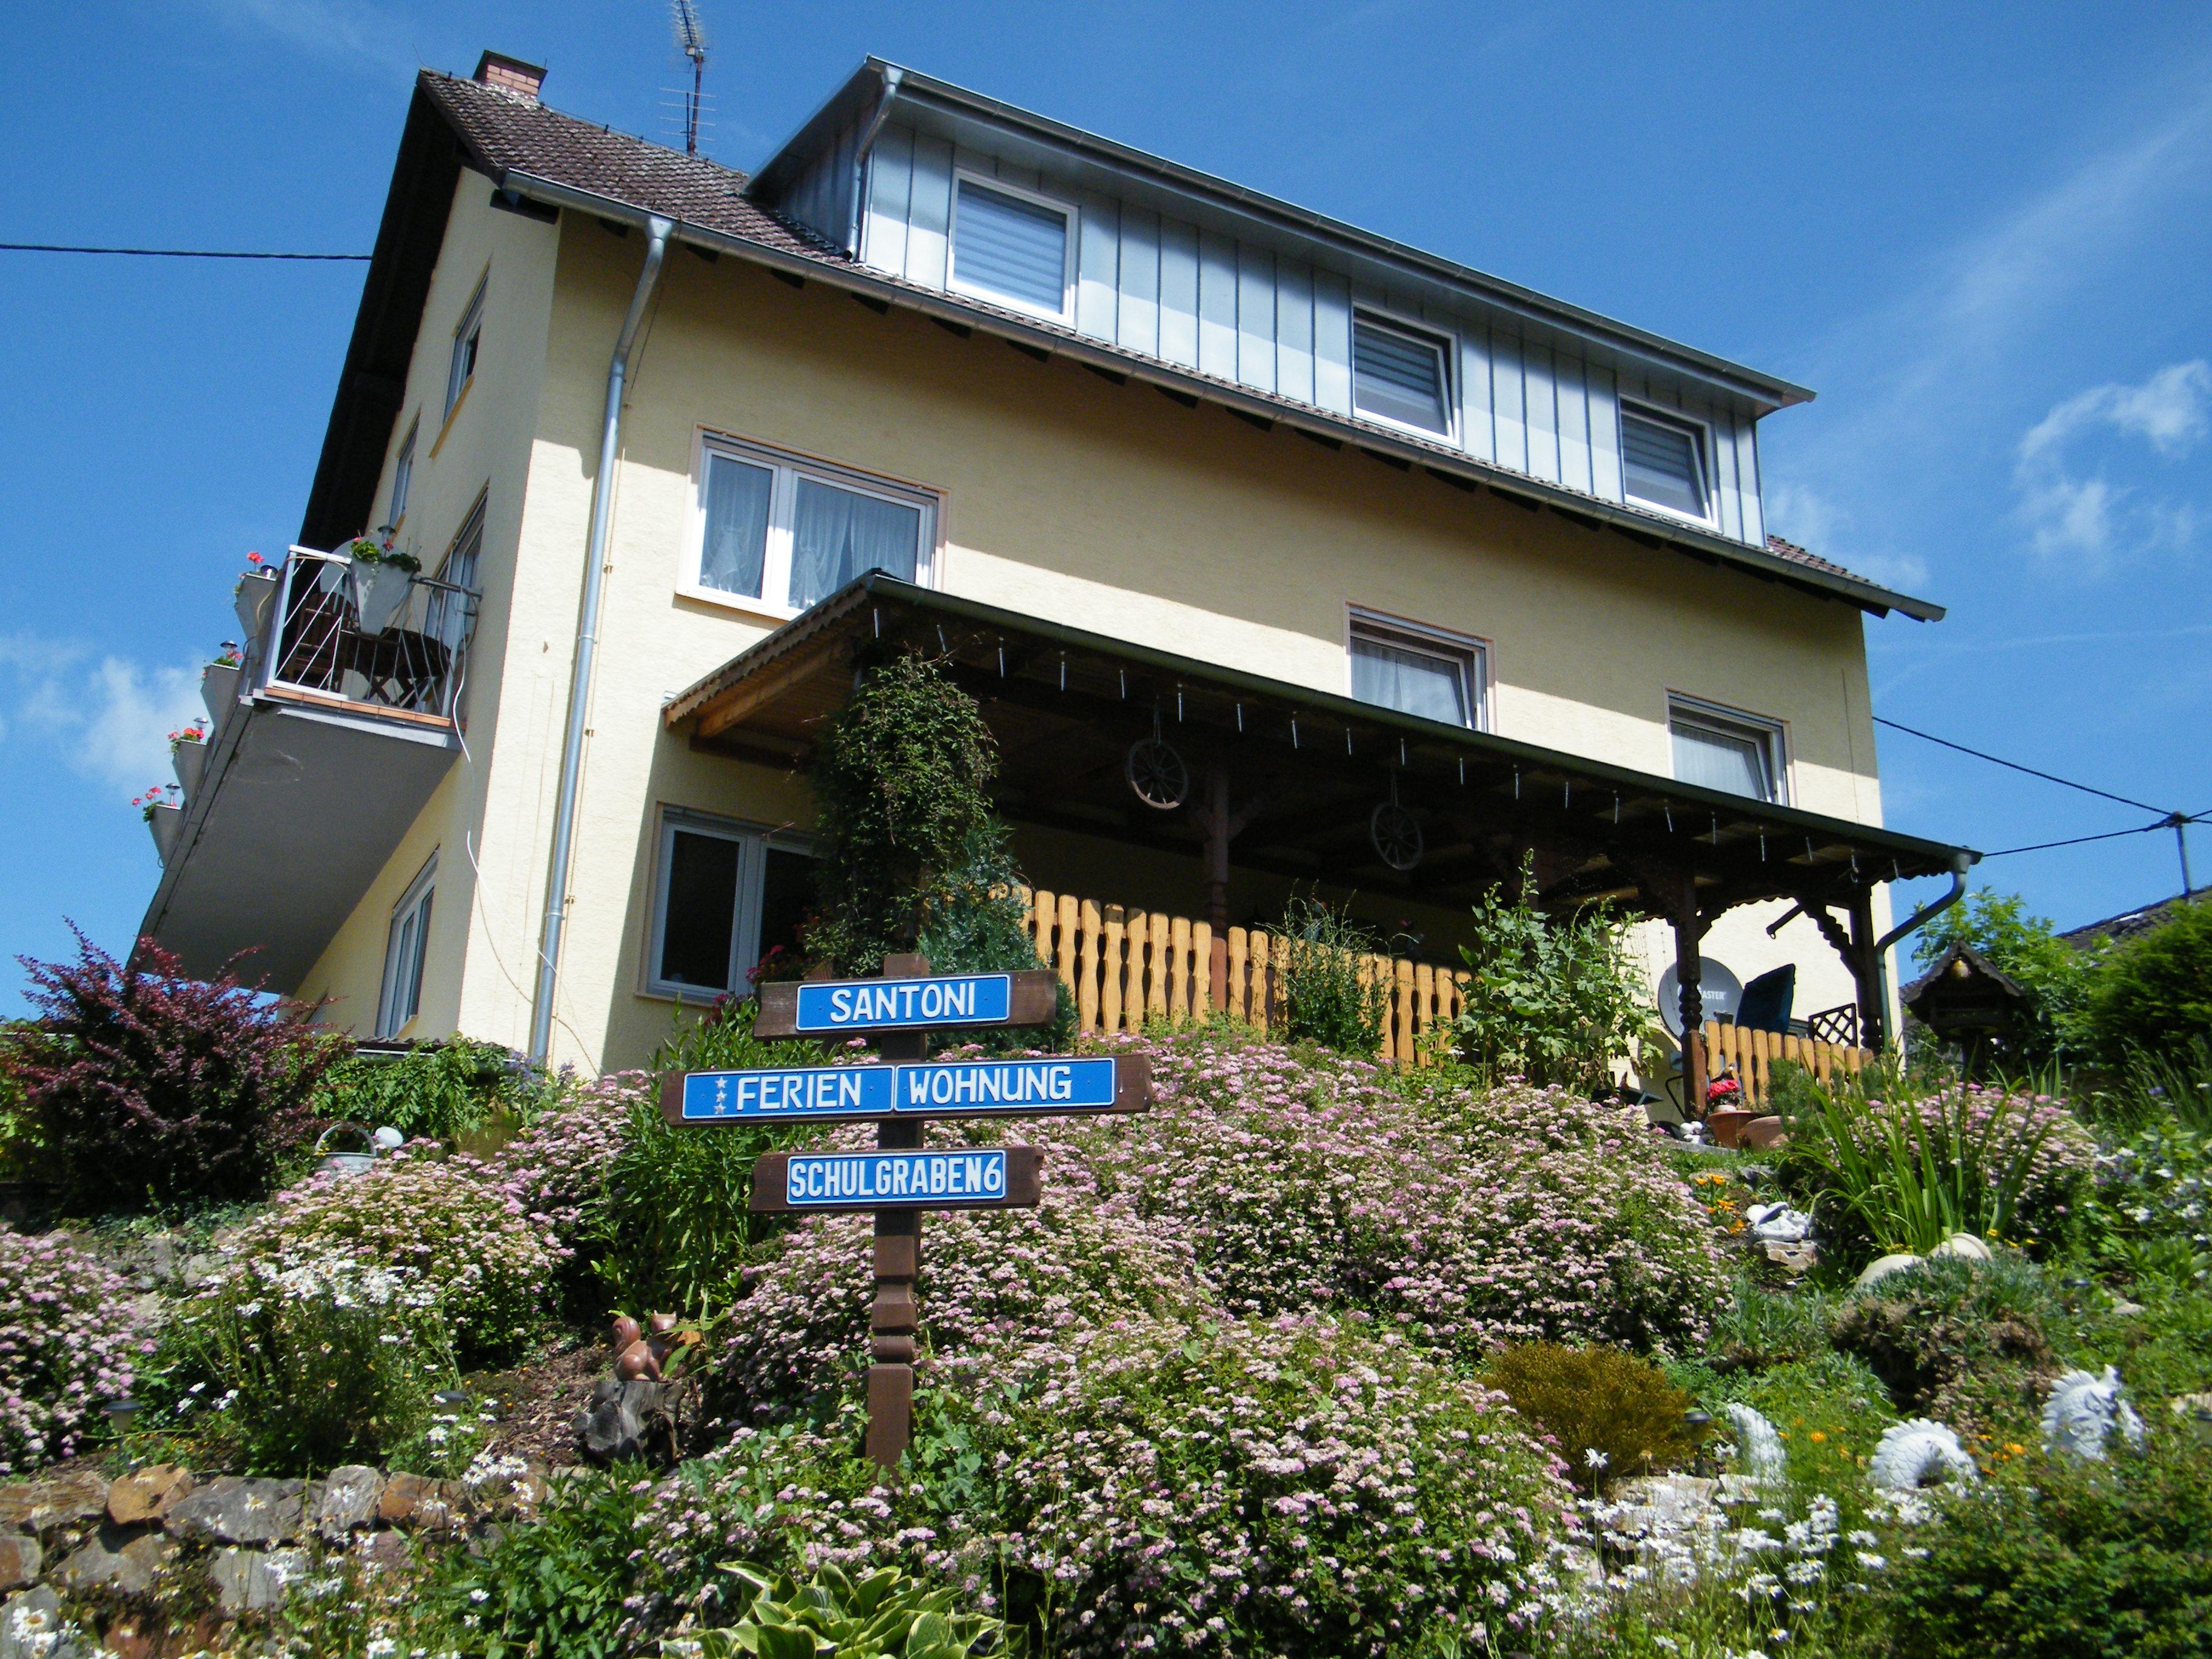 Appartement Ferienwohnung Santoni